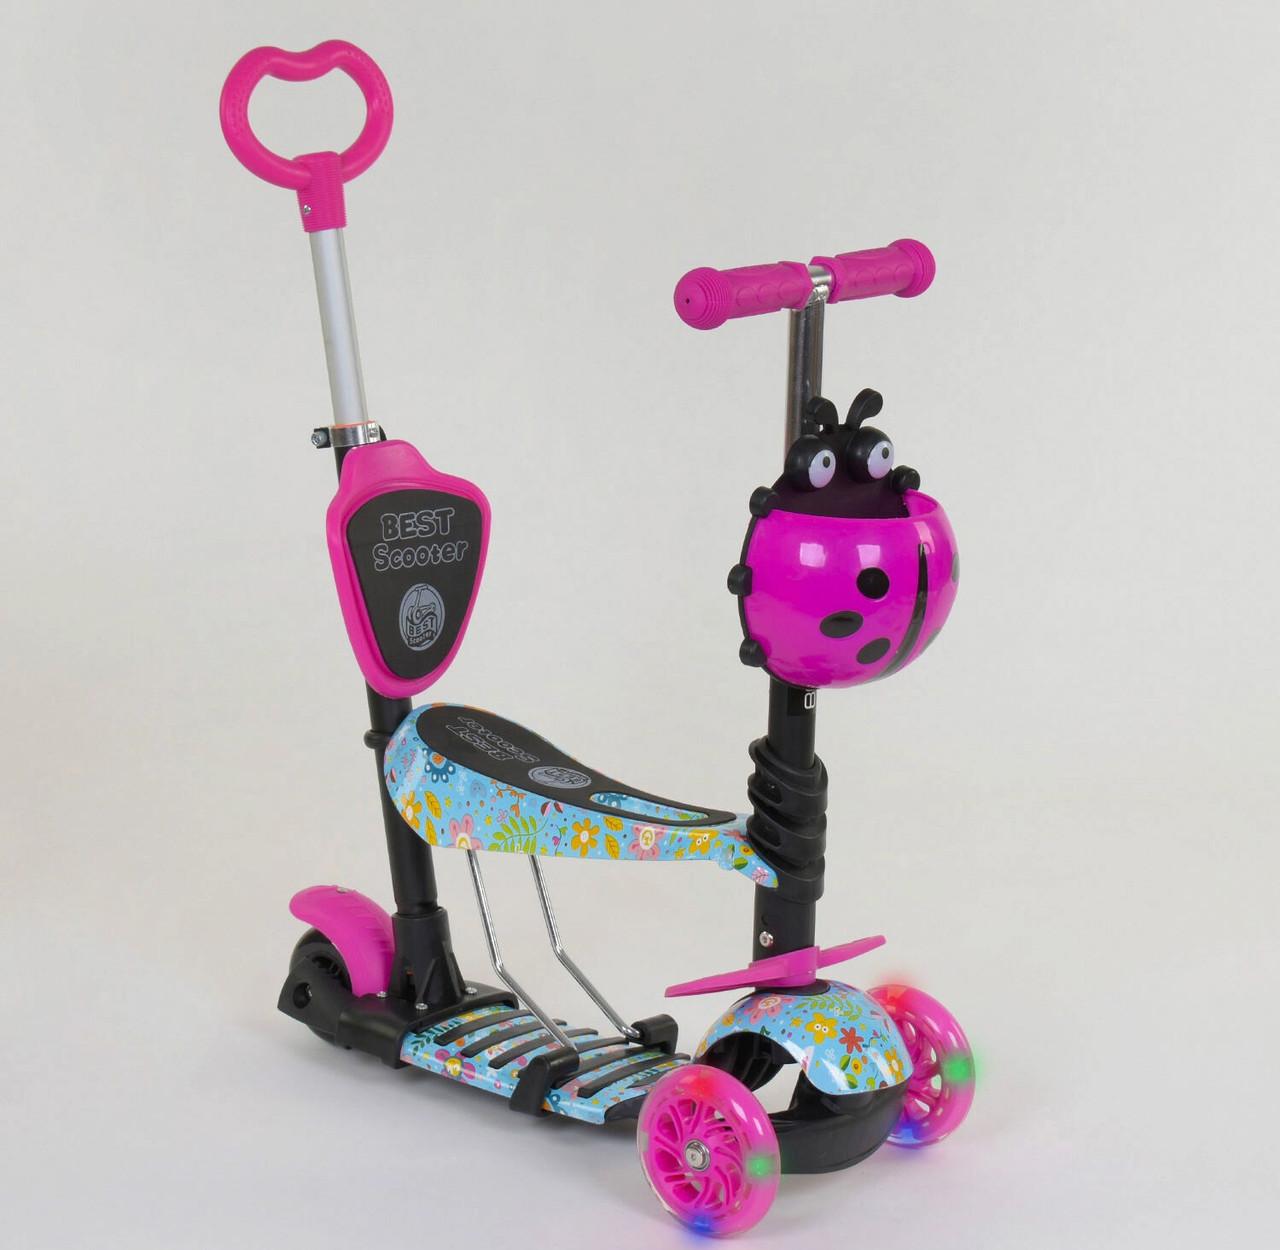 Самокат 5в1 26901 Best Scooter, АБСТРАКЦИЯ, PU колеса, ПОДСВЕТКА КОЛЕС